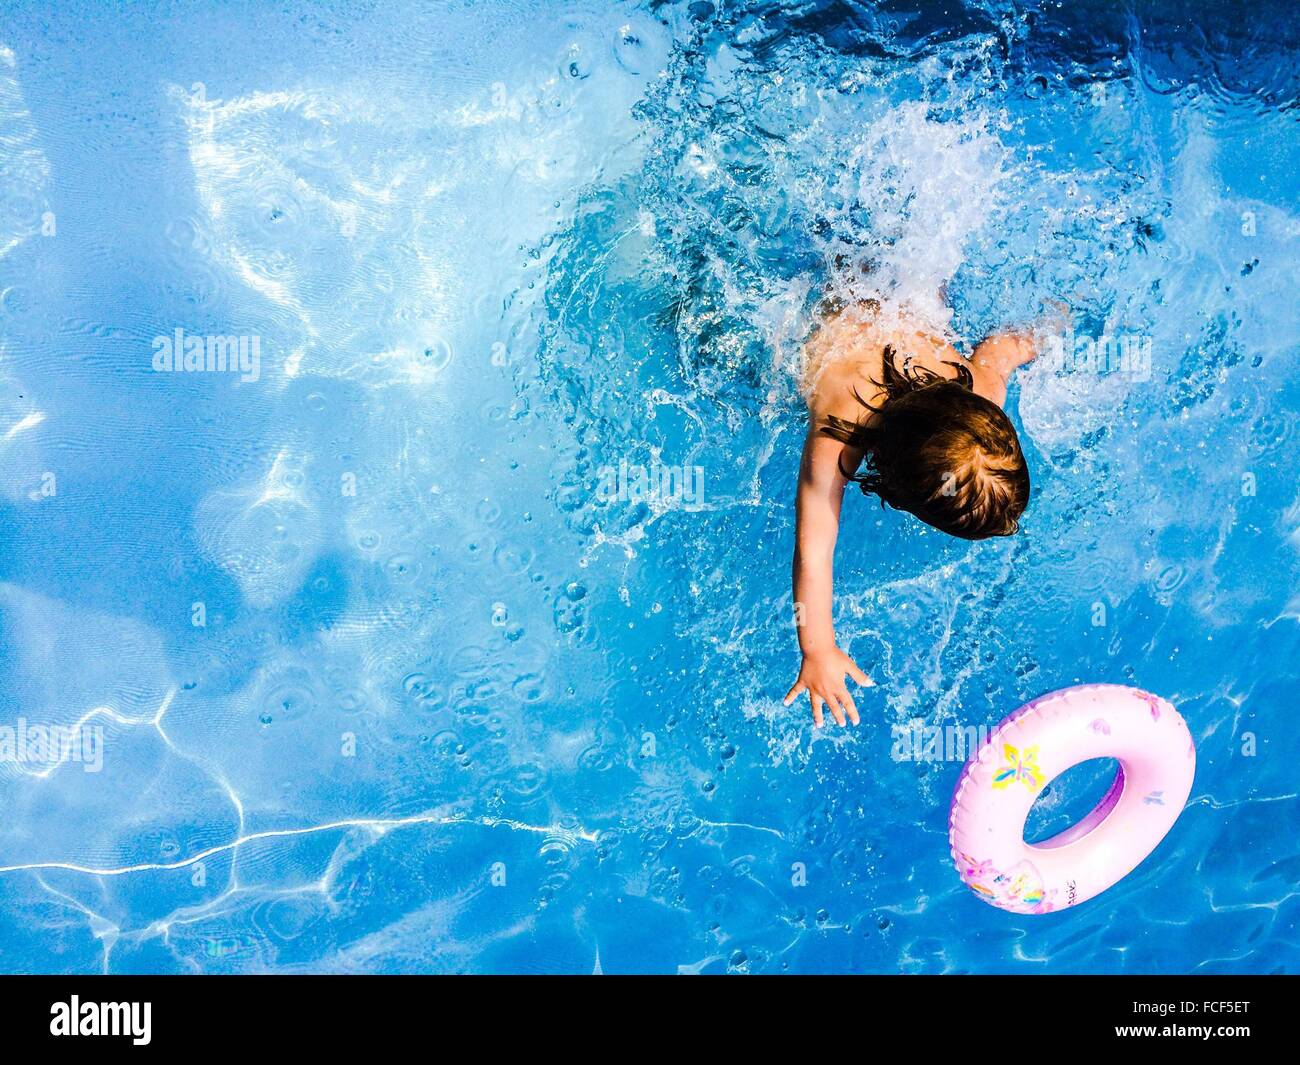 Persona nadar en una piscina Imagen De Stock